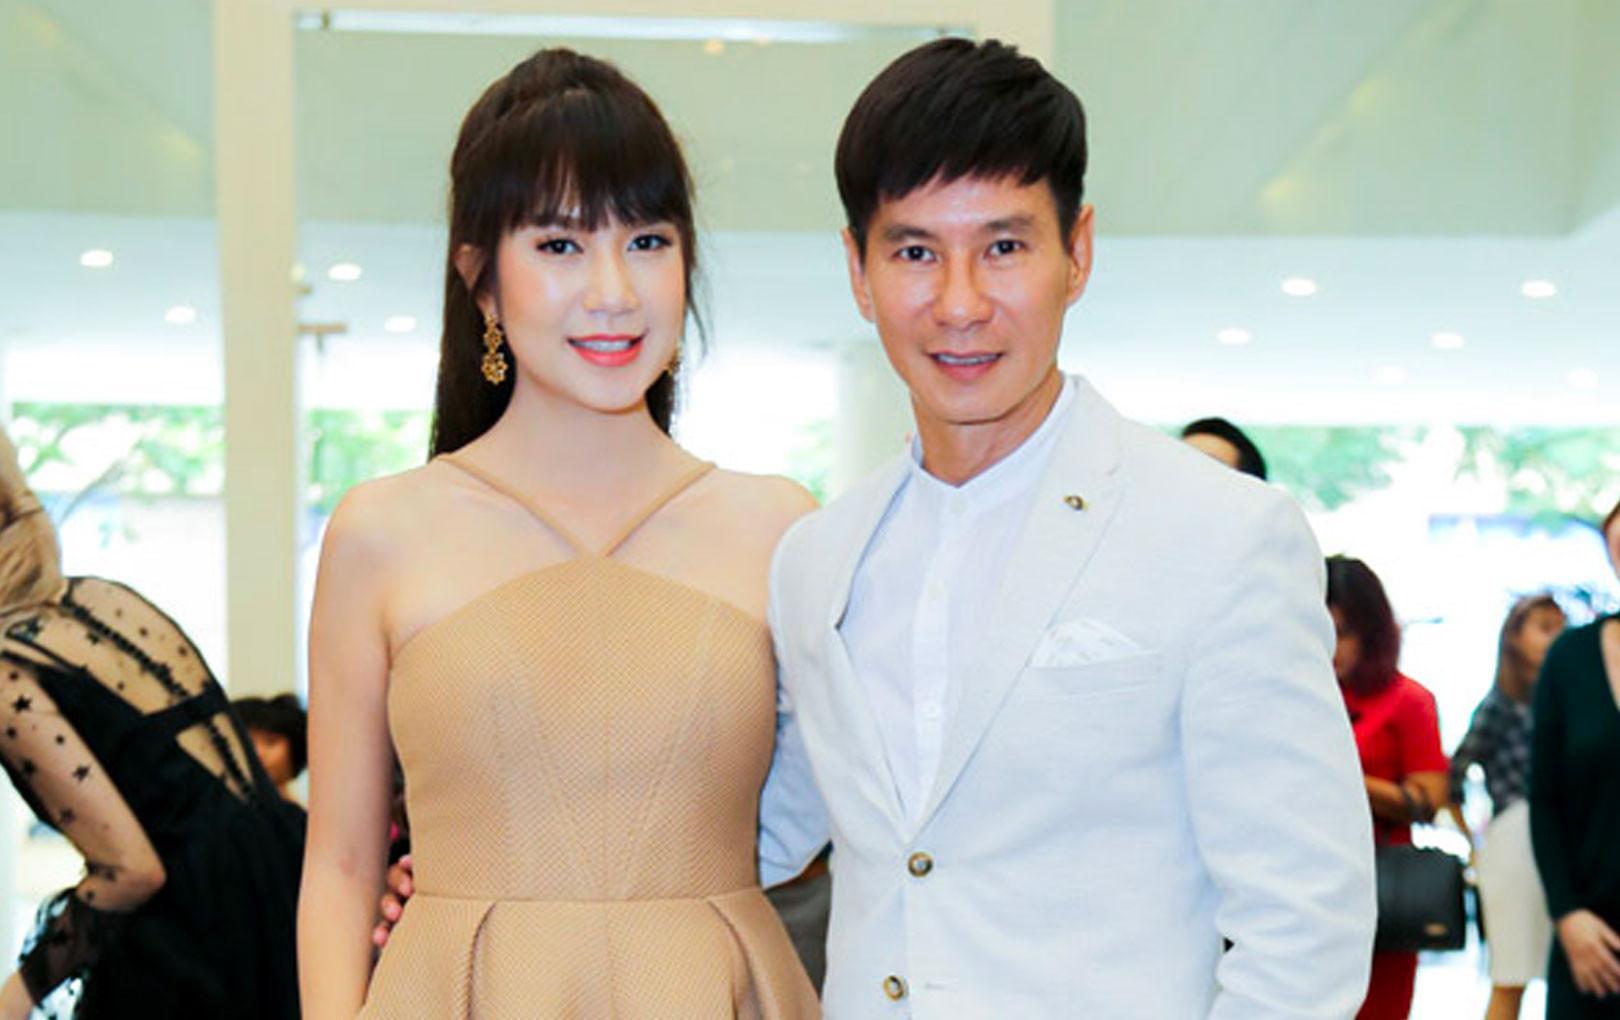 'Đồng vợ đồng chồng' - đây là những cặp đôi quyền lực nhất showbiz Việt trong vai trò nhà sản xuất phim